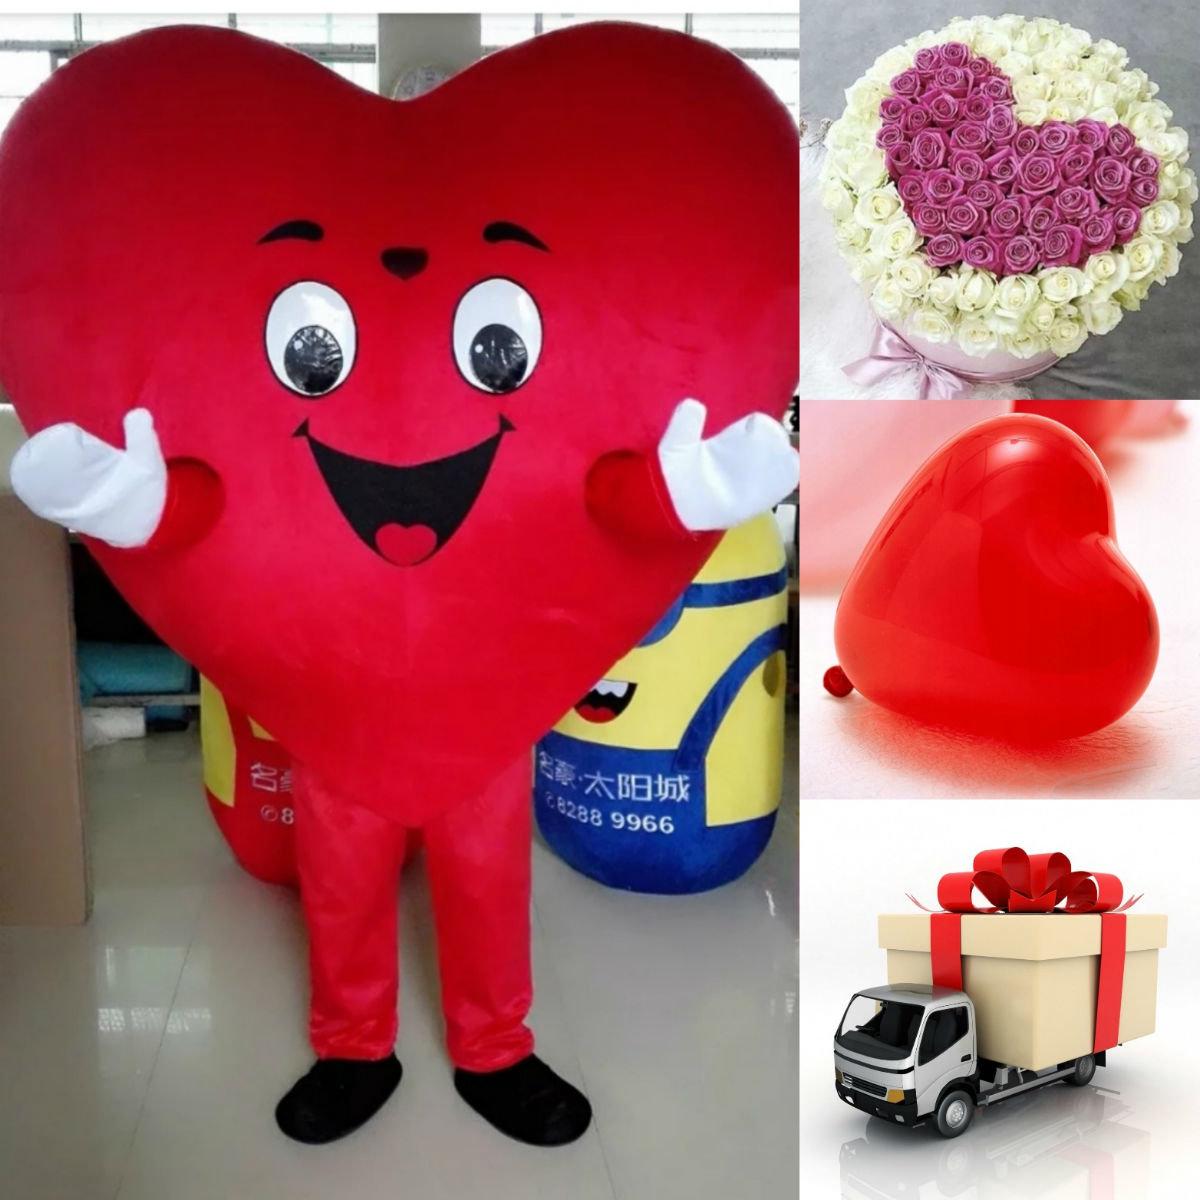 Комбо-подарок на День влюблённых. От сердца к сердцу, фото-1